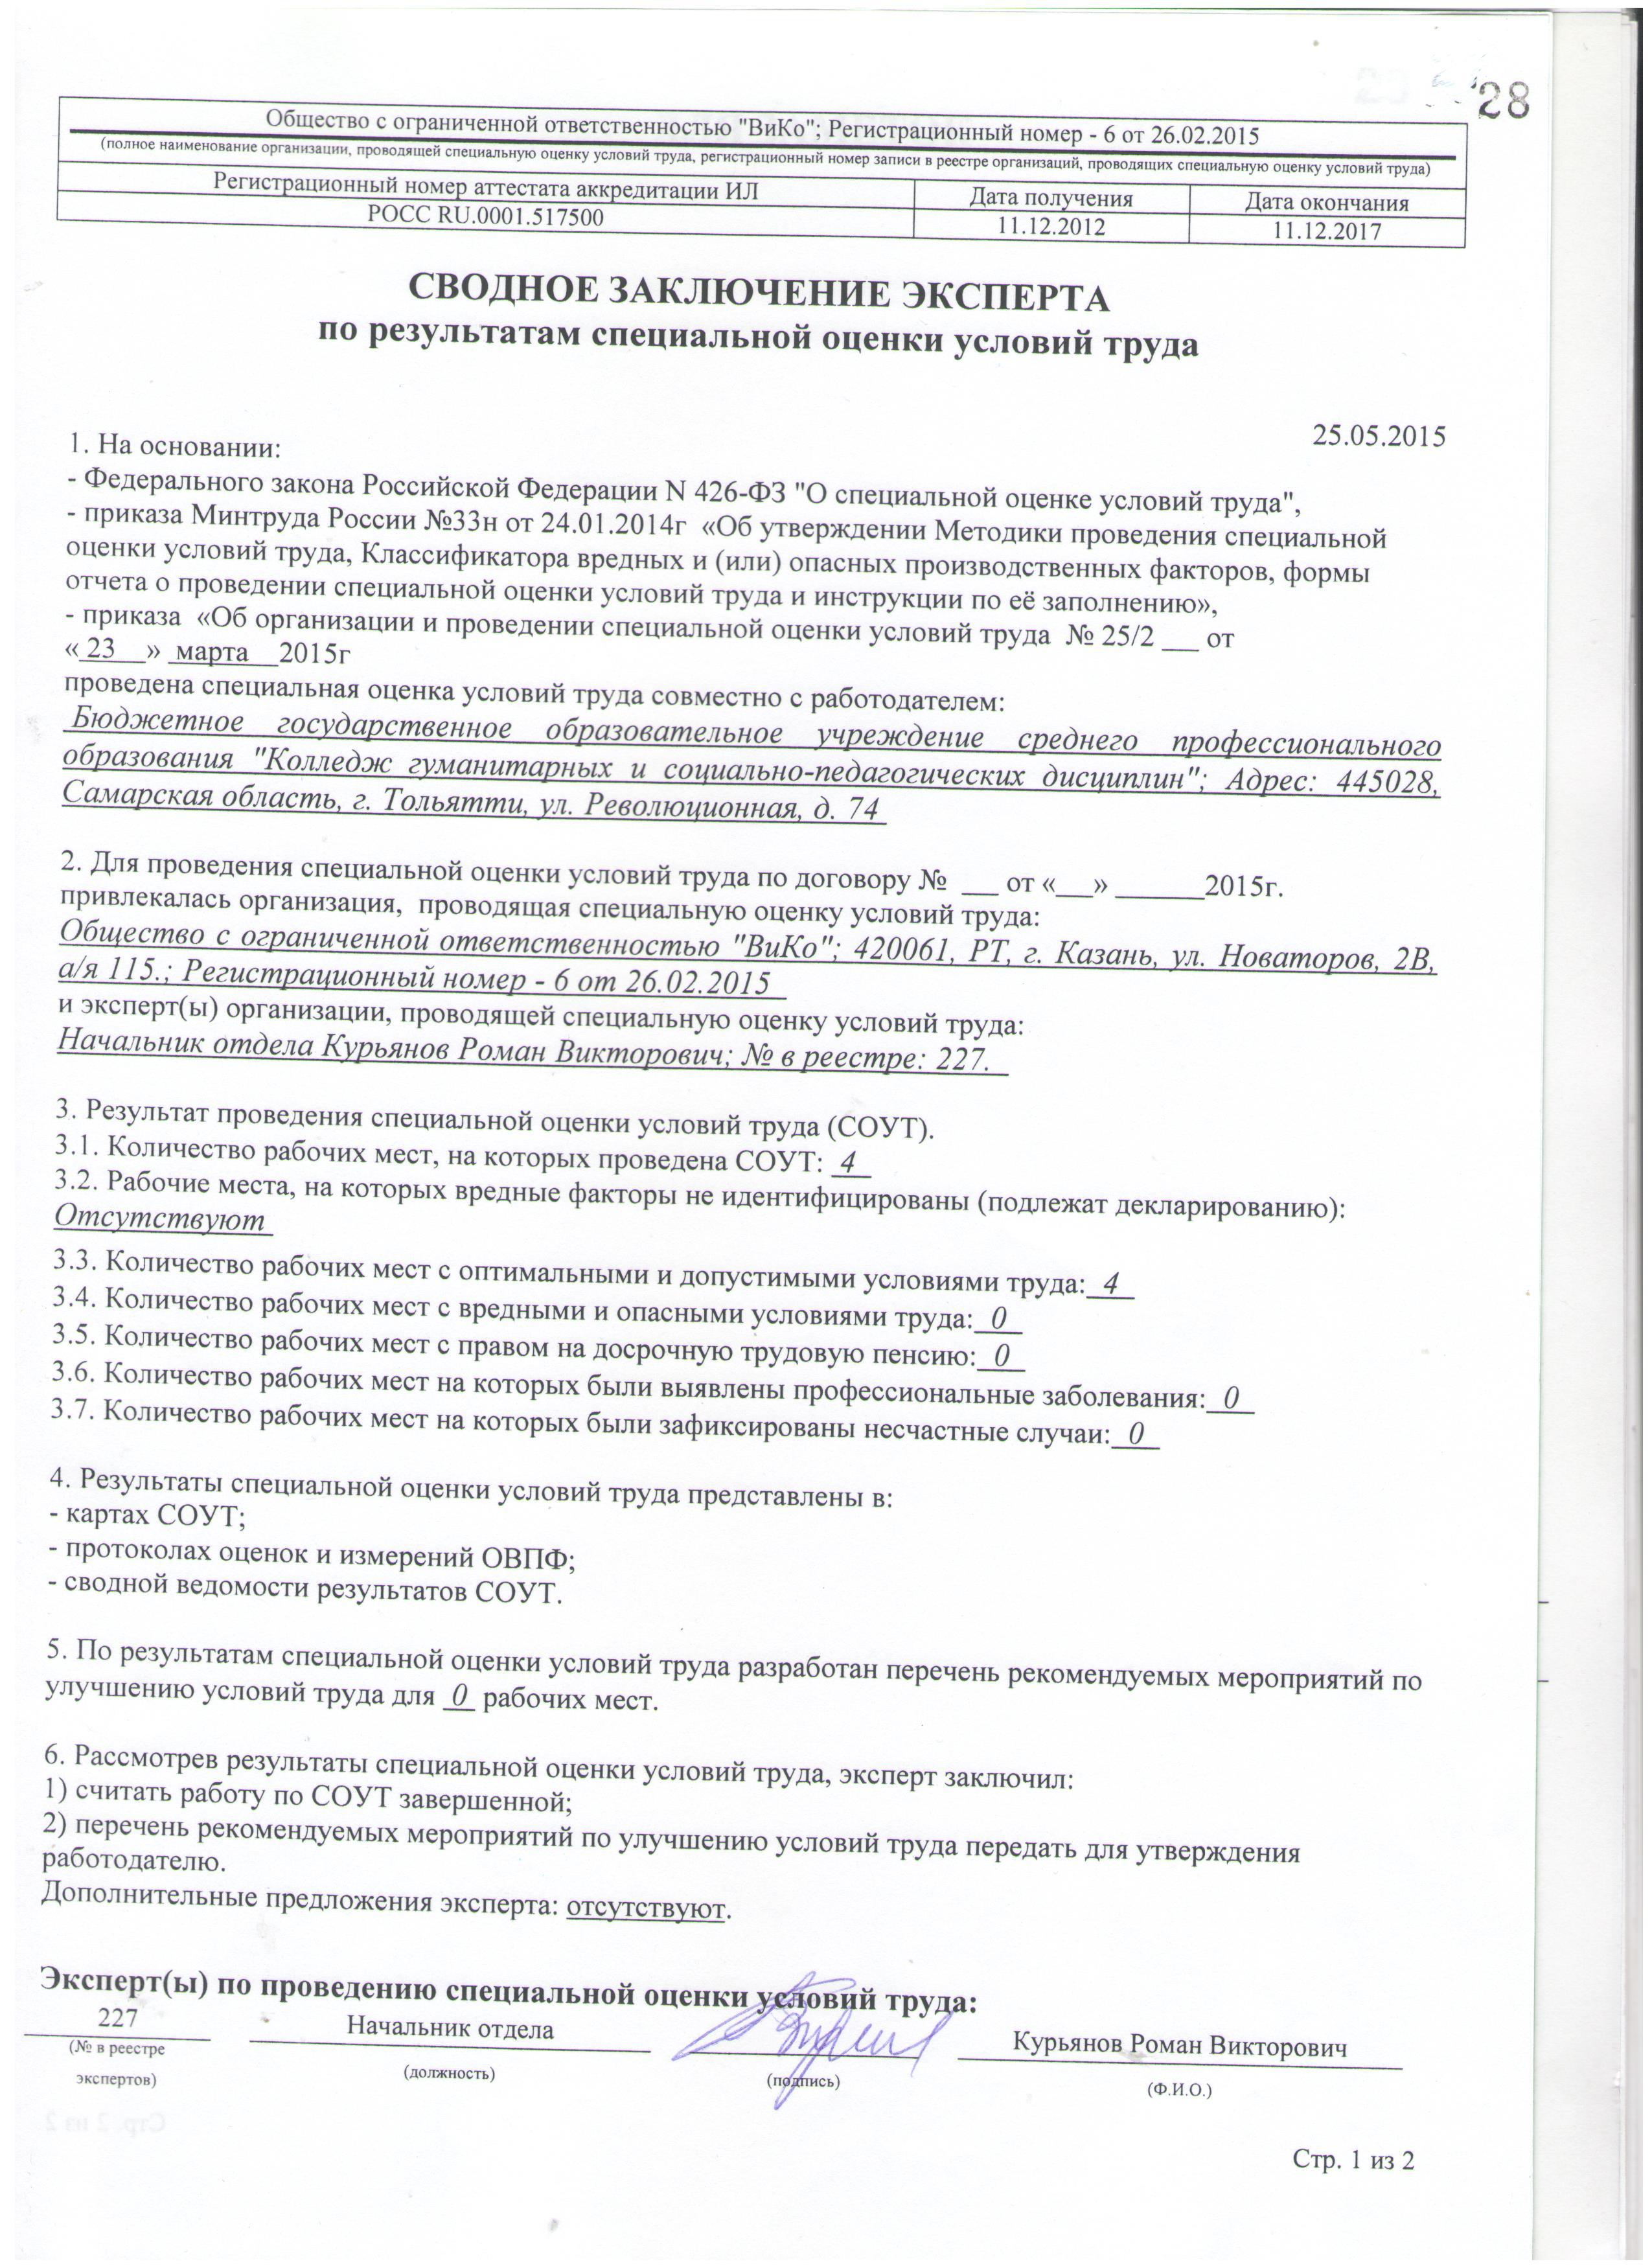 Инструкции по электробезопасности в учреждениях культуры вопросы с ответами на 2 группу допуска по электробезопасности